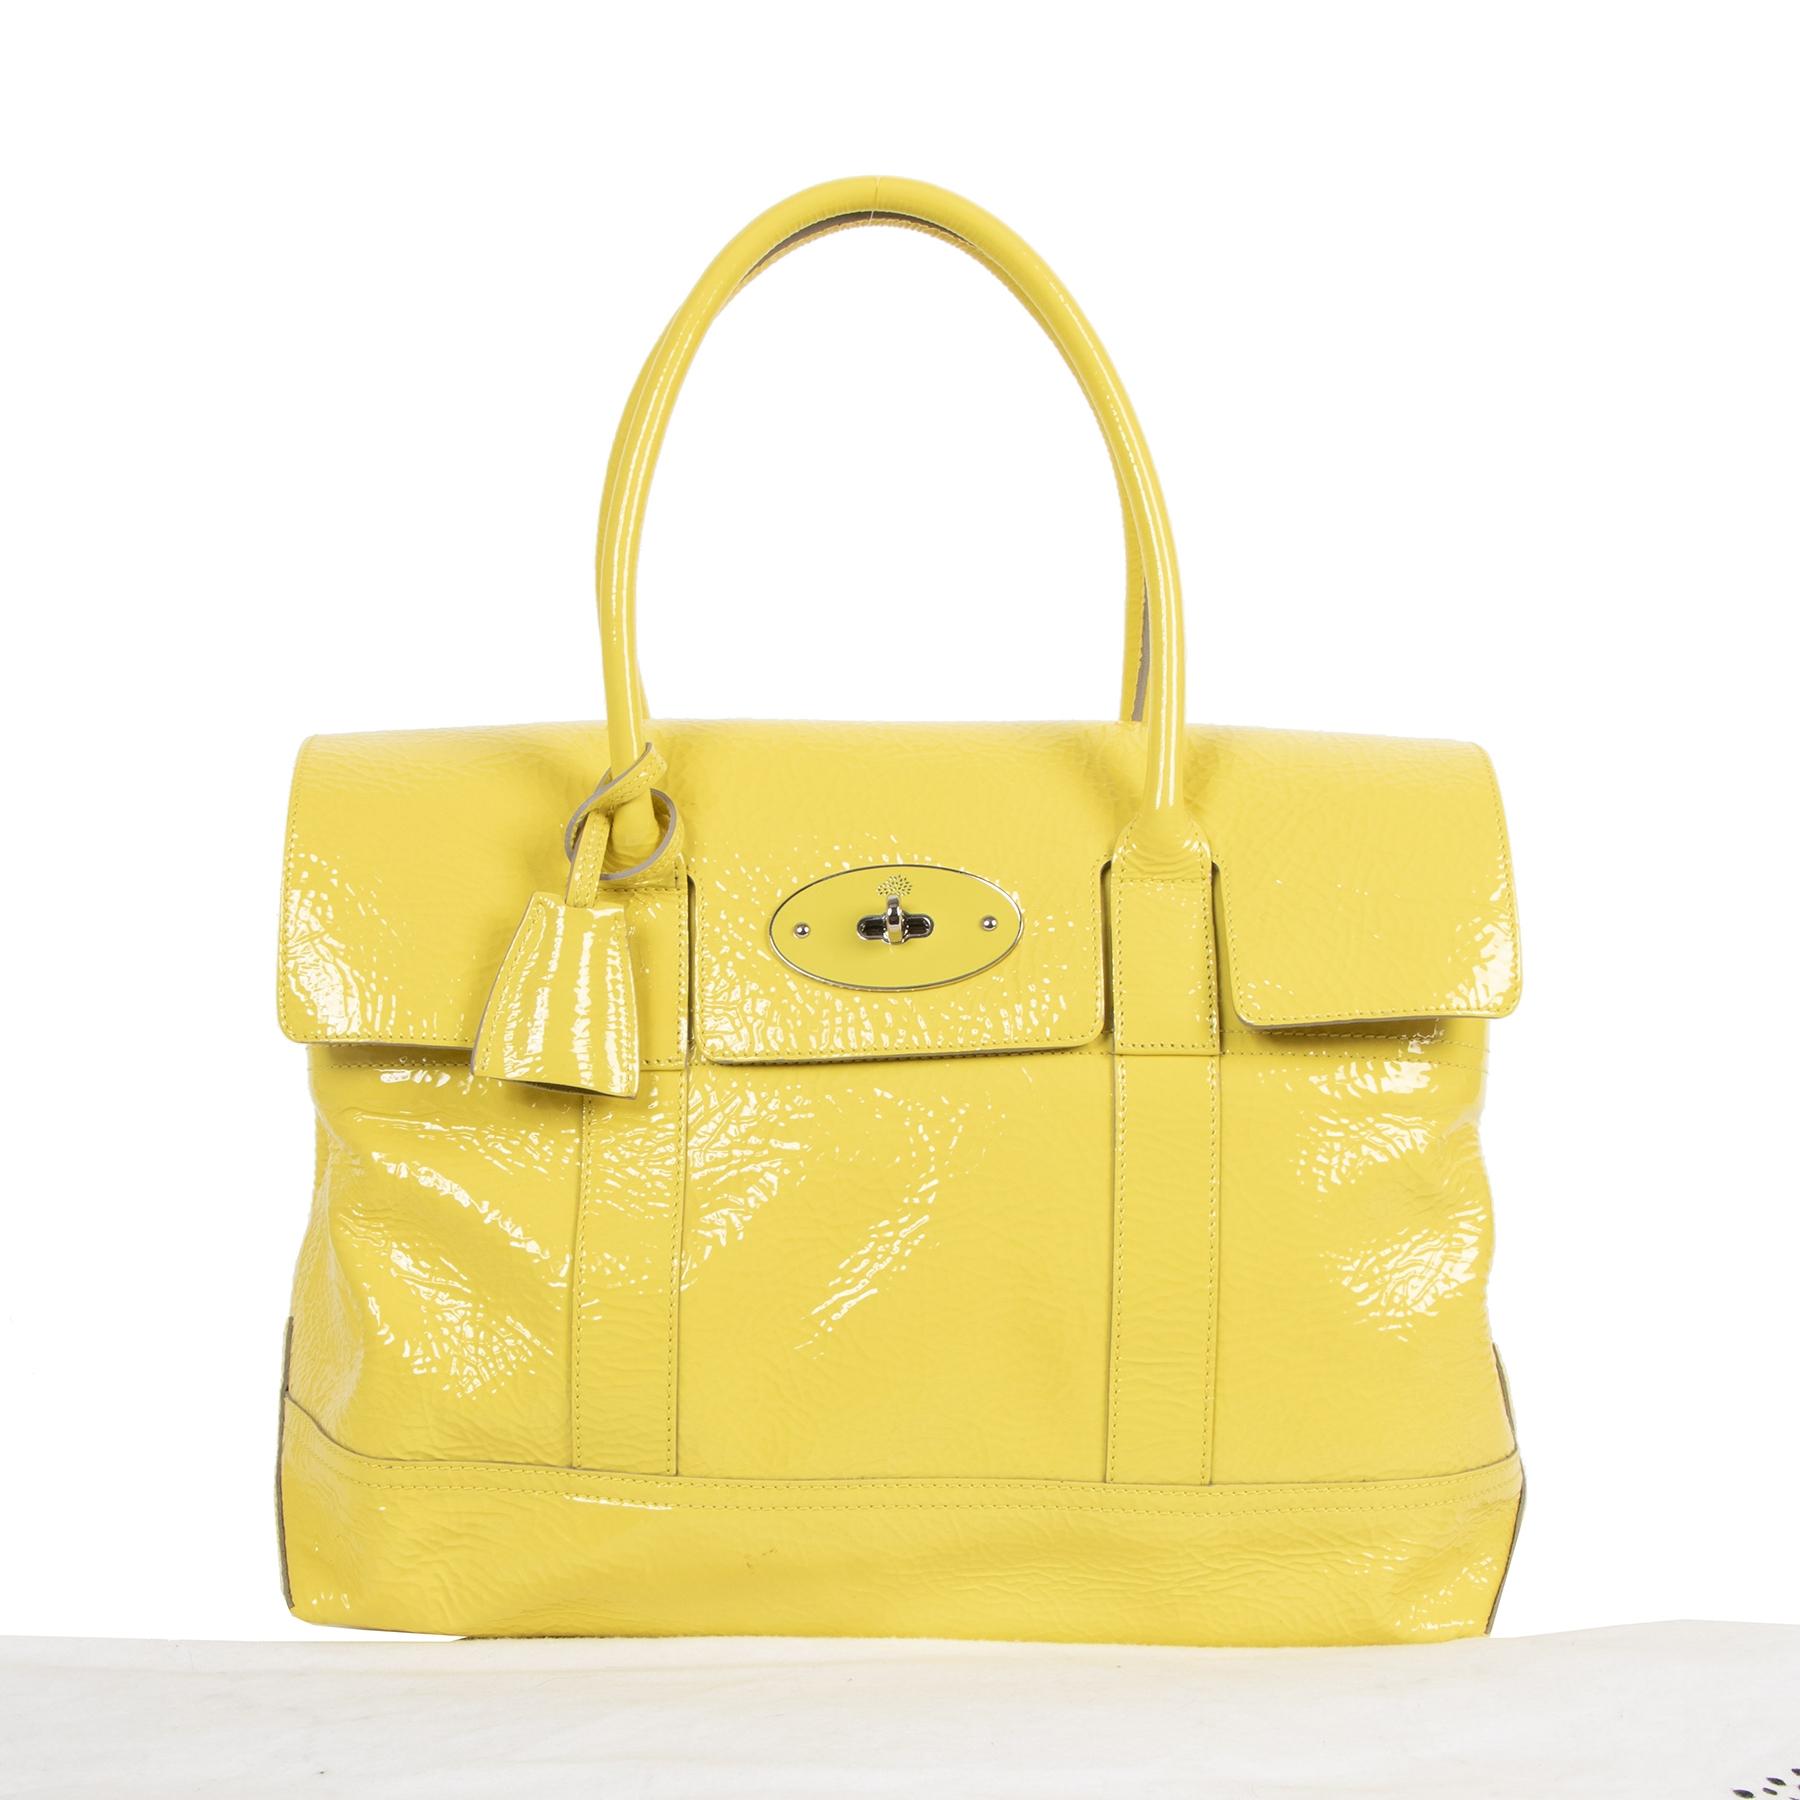 Koop tweedehands Louis Vuitton Tassen bij LabelLOV